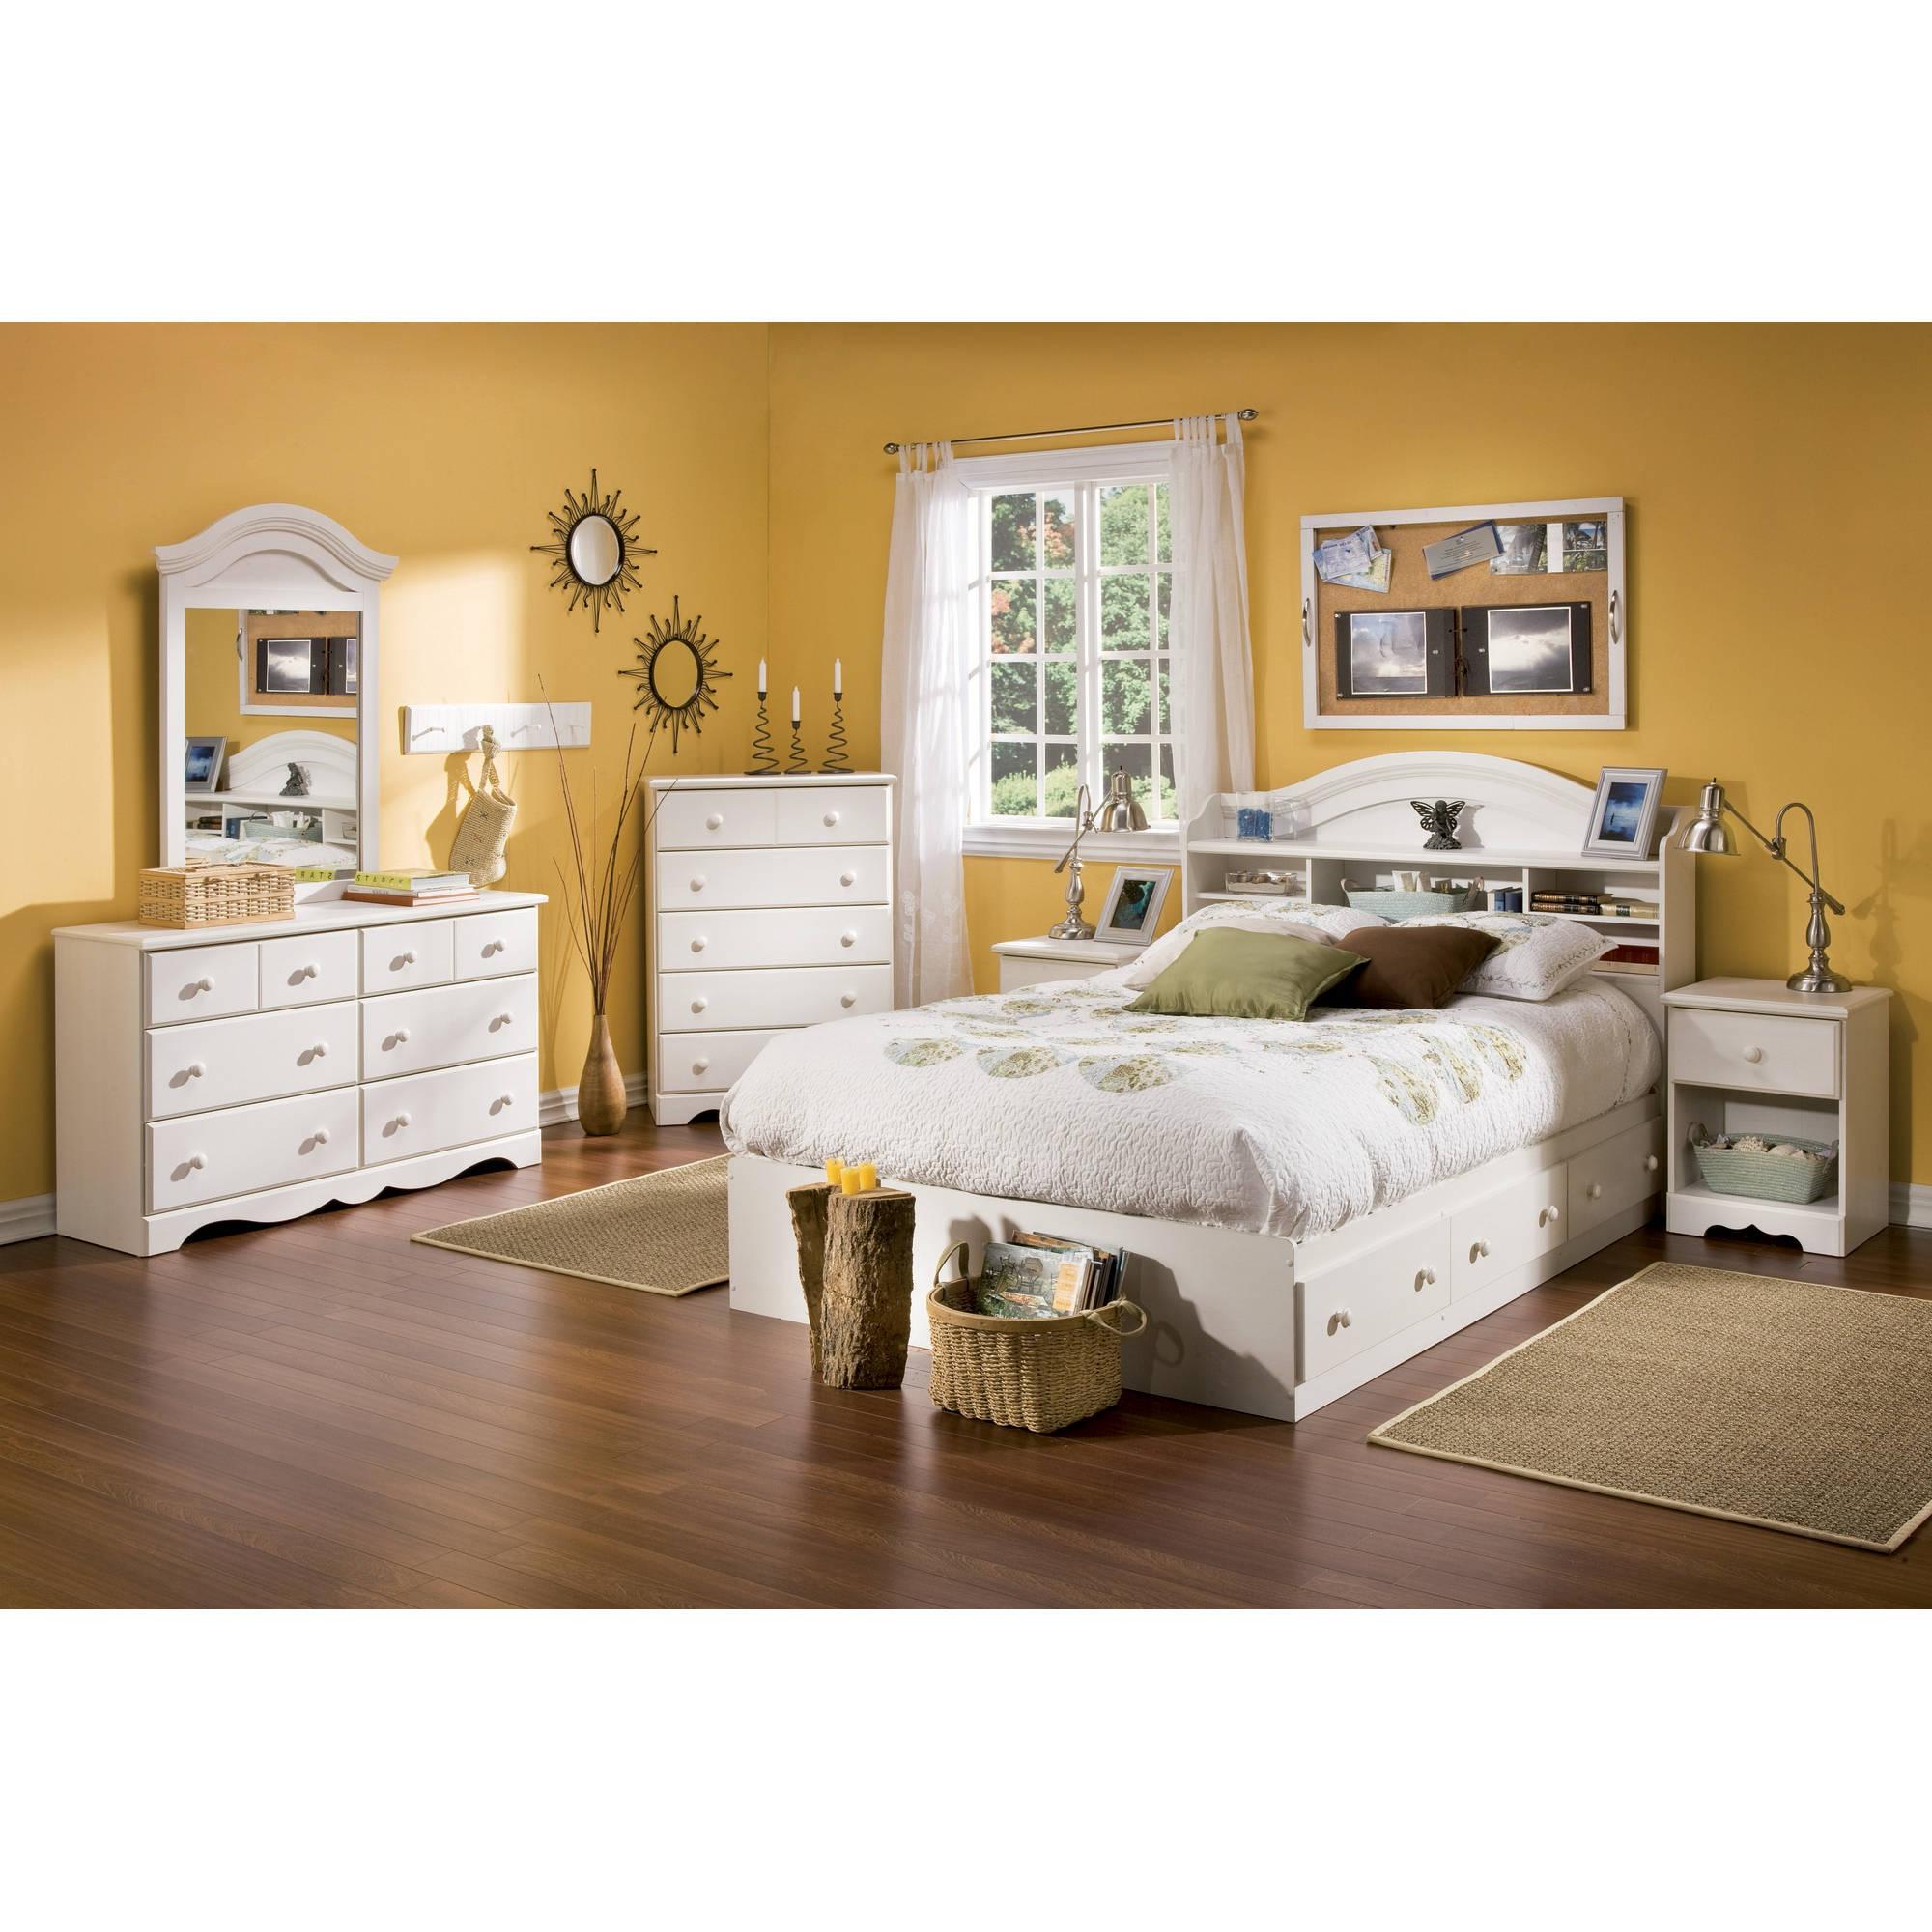 White Bedroom Sets Full bedroom sets - walmart